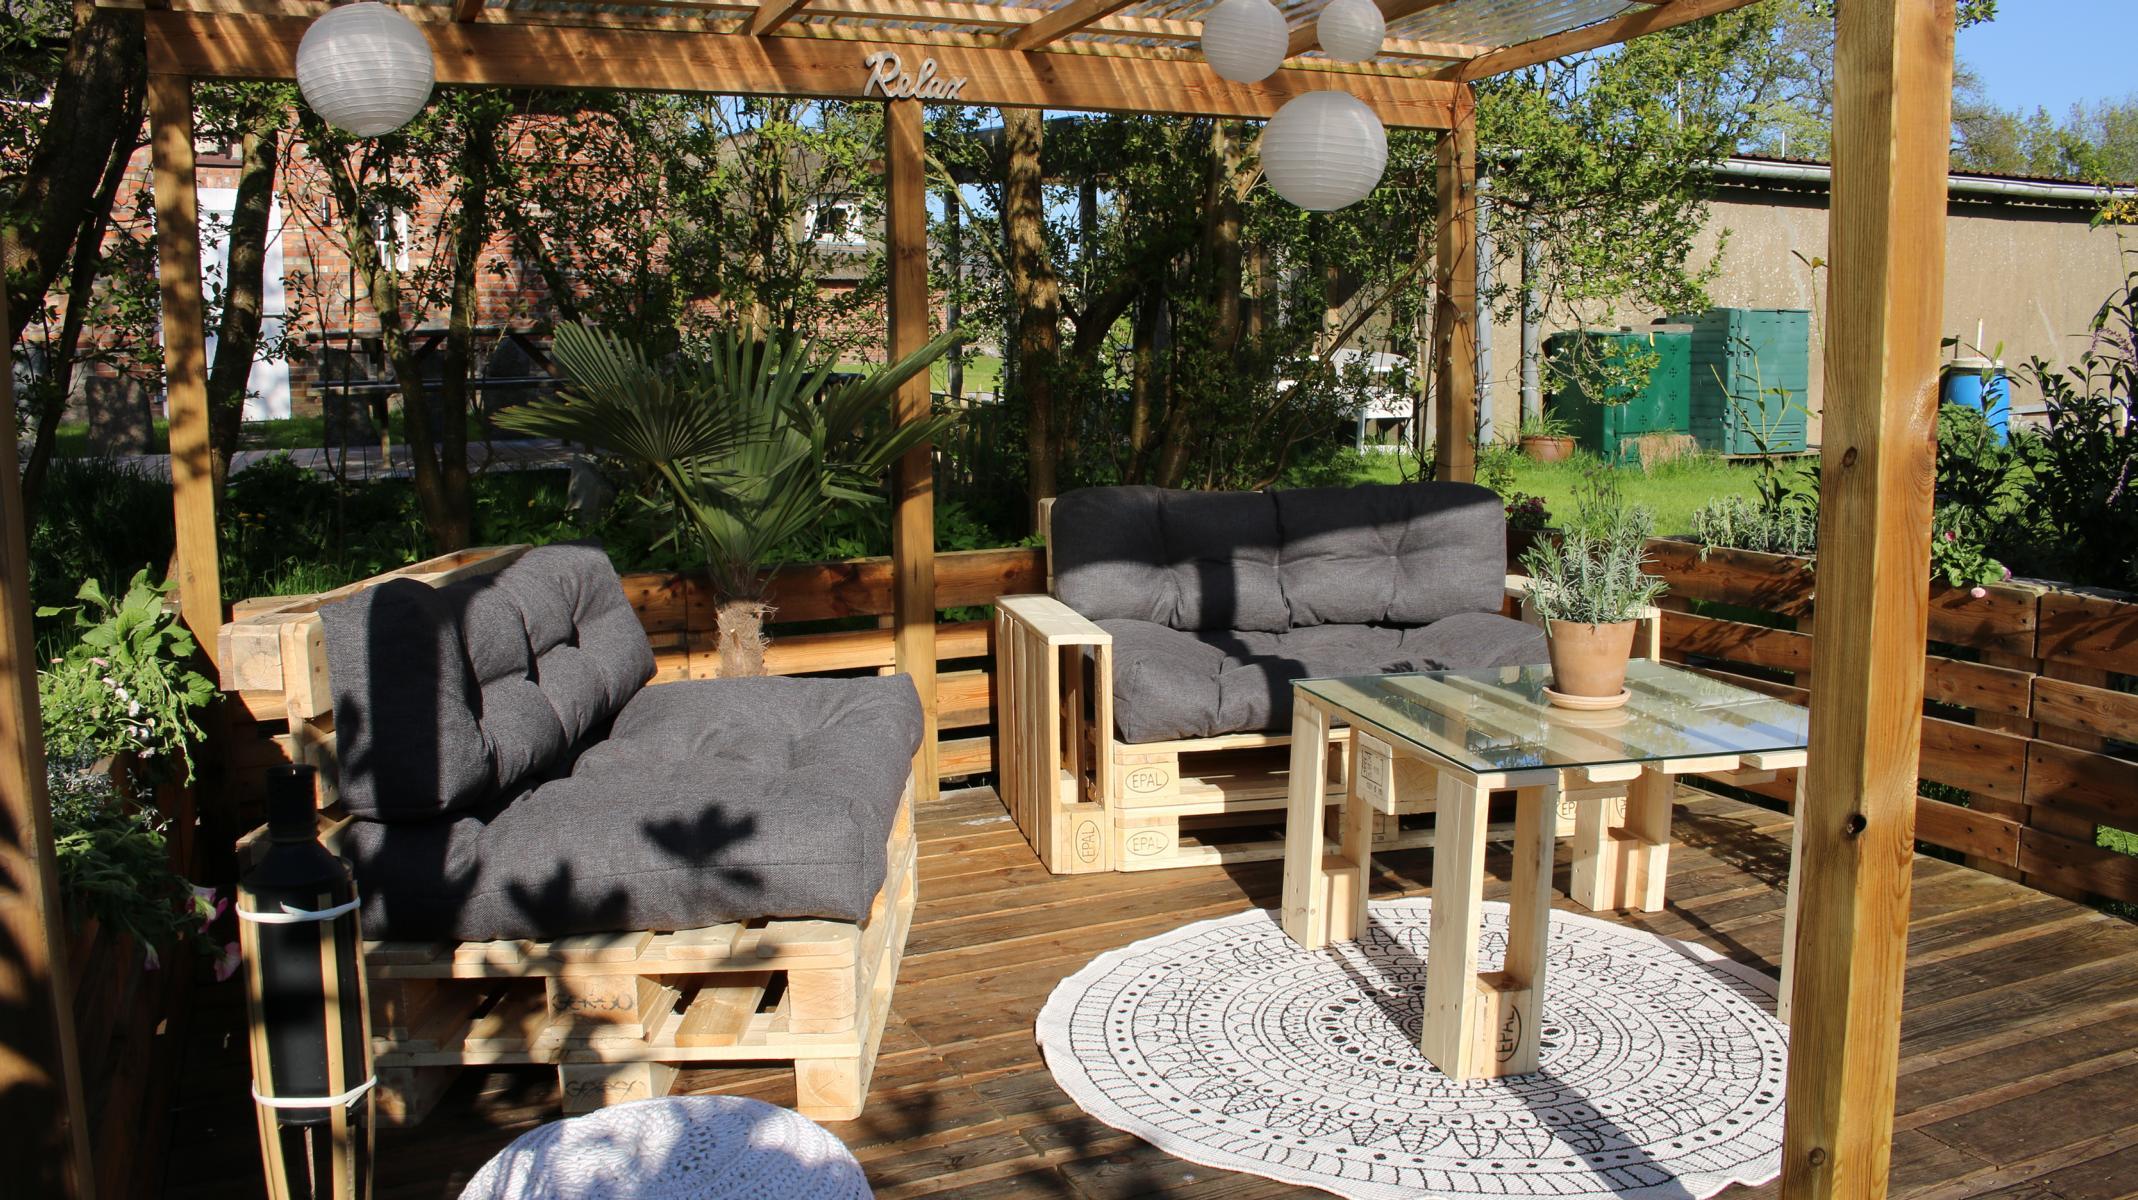 Paletten Lounge- Palettenkissen-Palettenmöbel